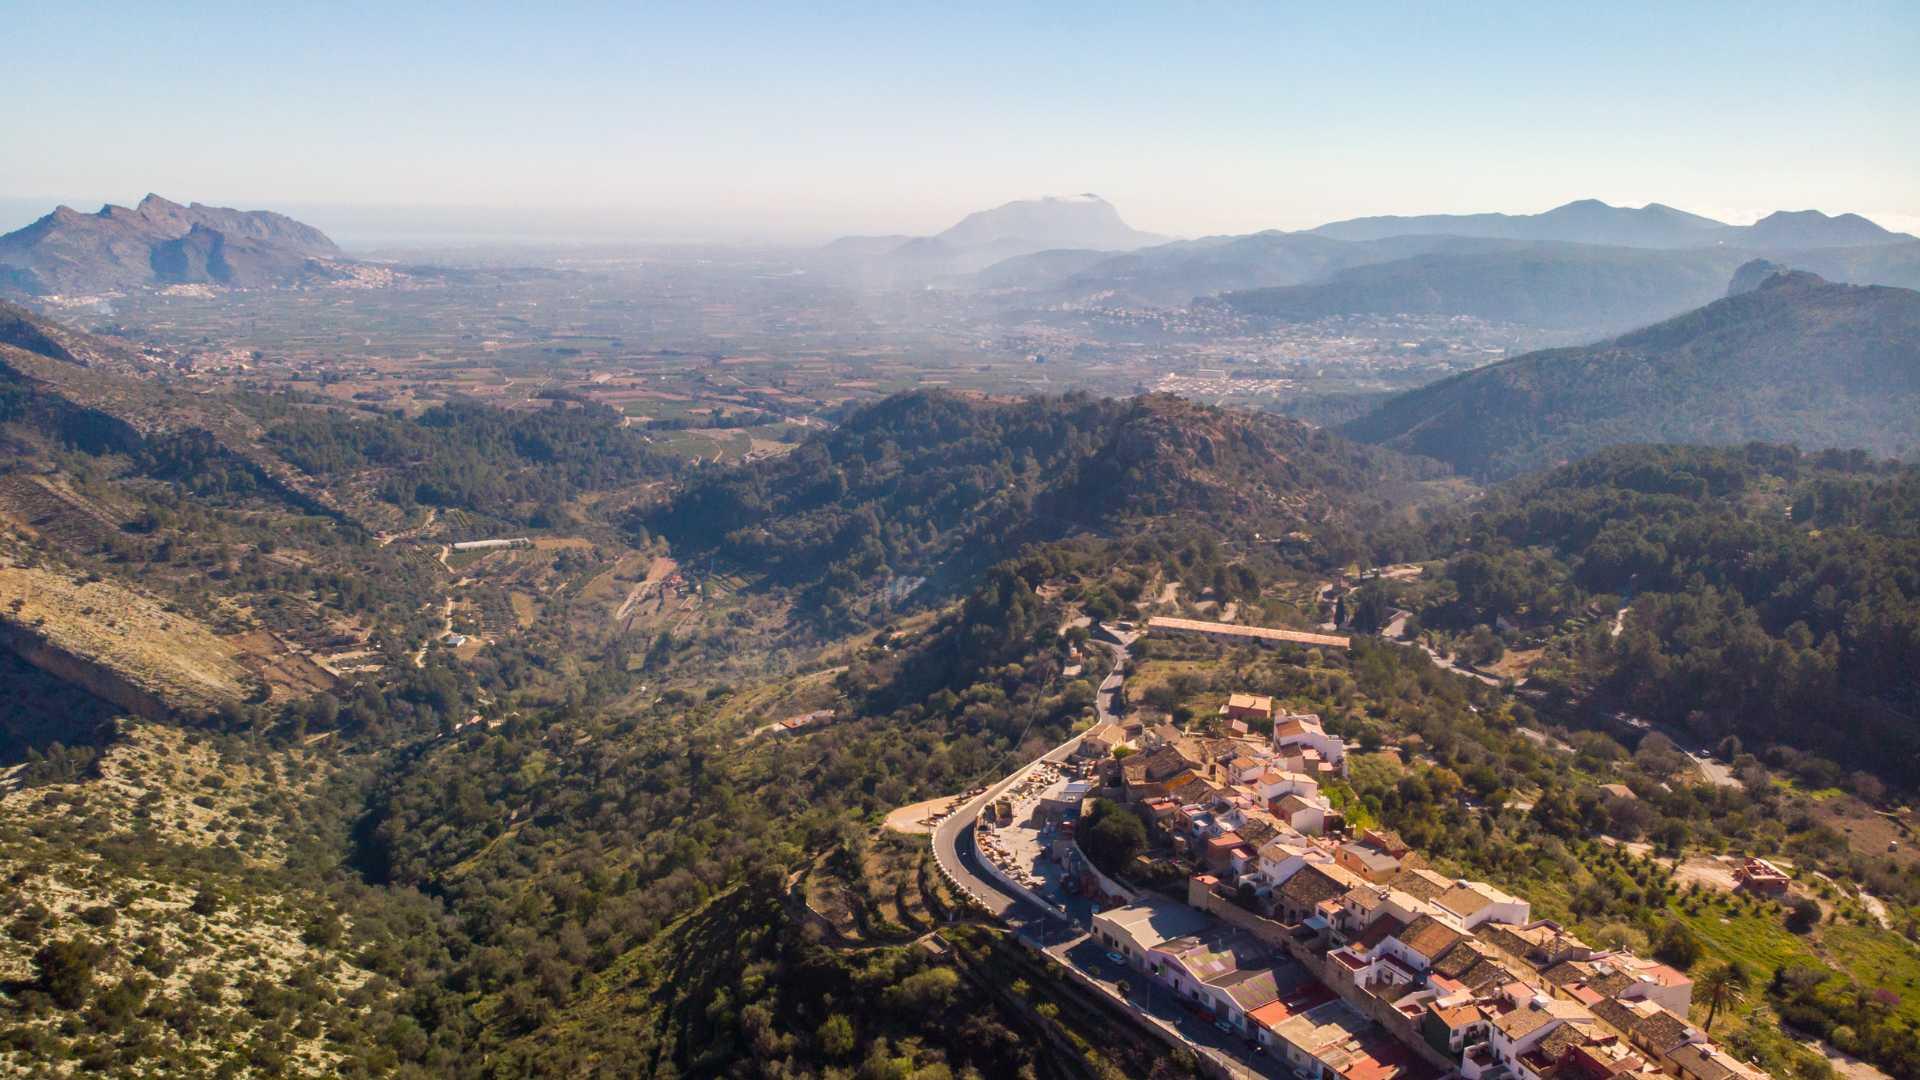 https://multimedia.comunitatvalenciana.com/A6AB2154DBA54BBE80156542FB585234/img/94BA9119F10E45929402546753BEC077/La_Vall_de_Laguar_3.jpg?responsive